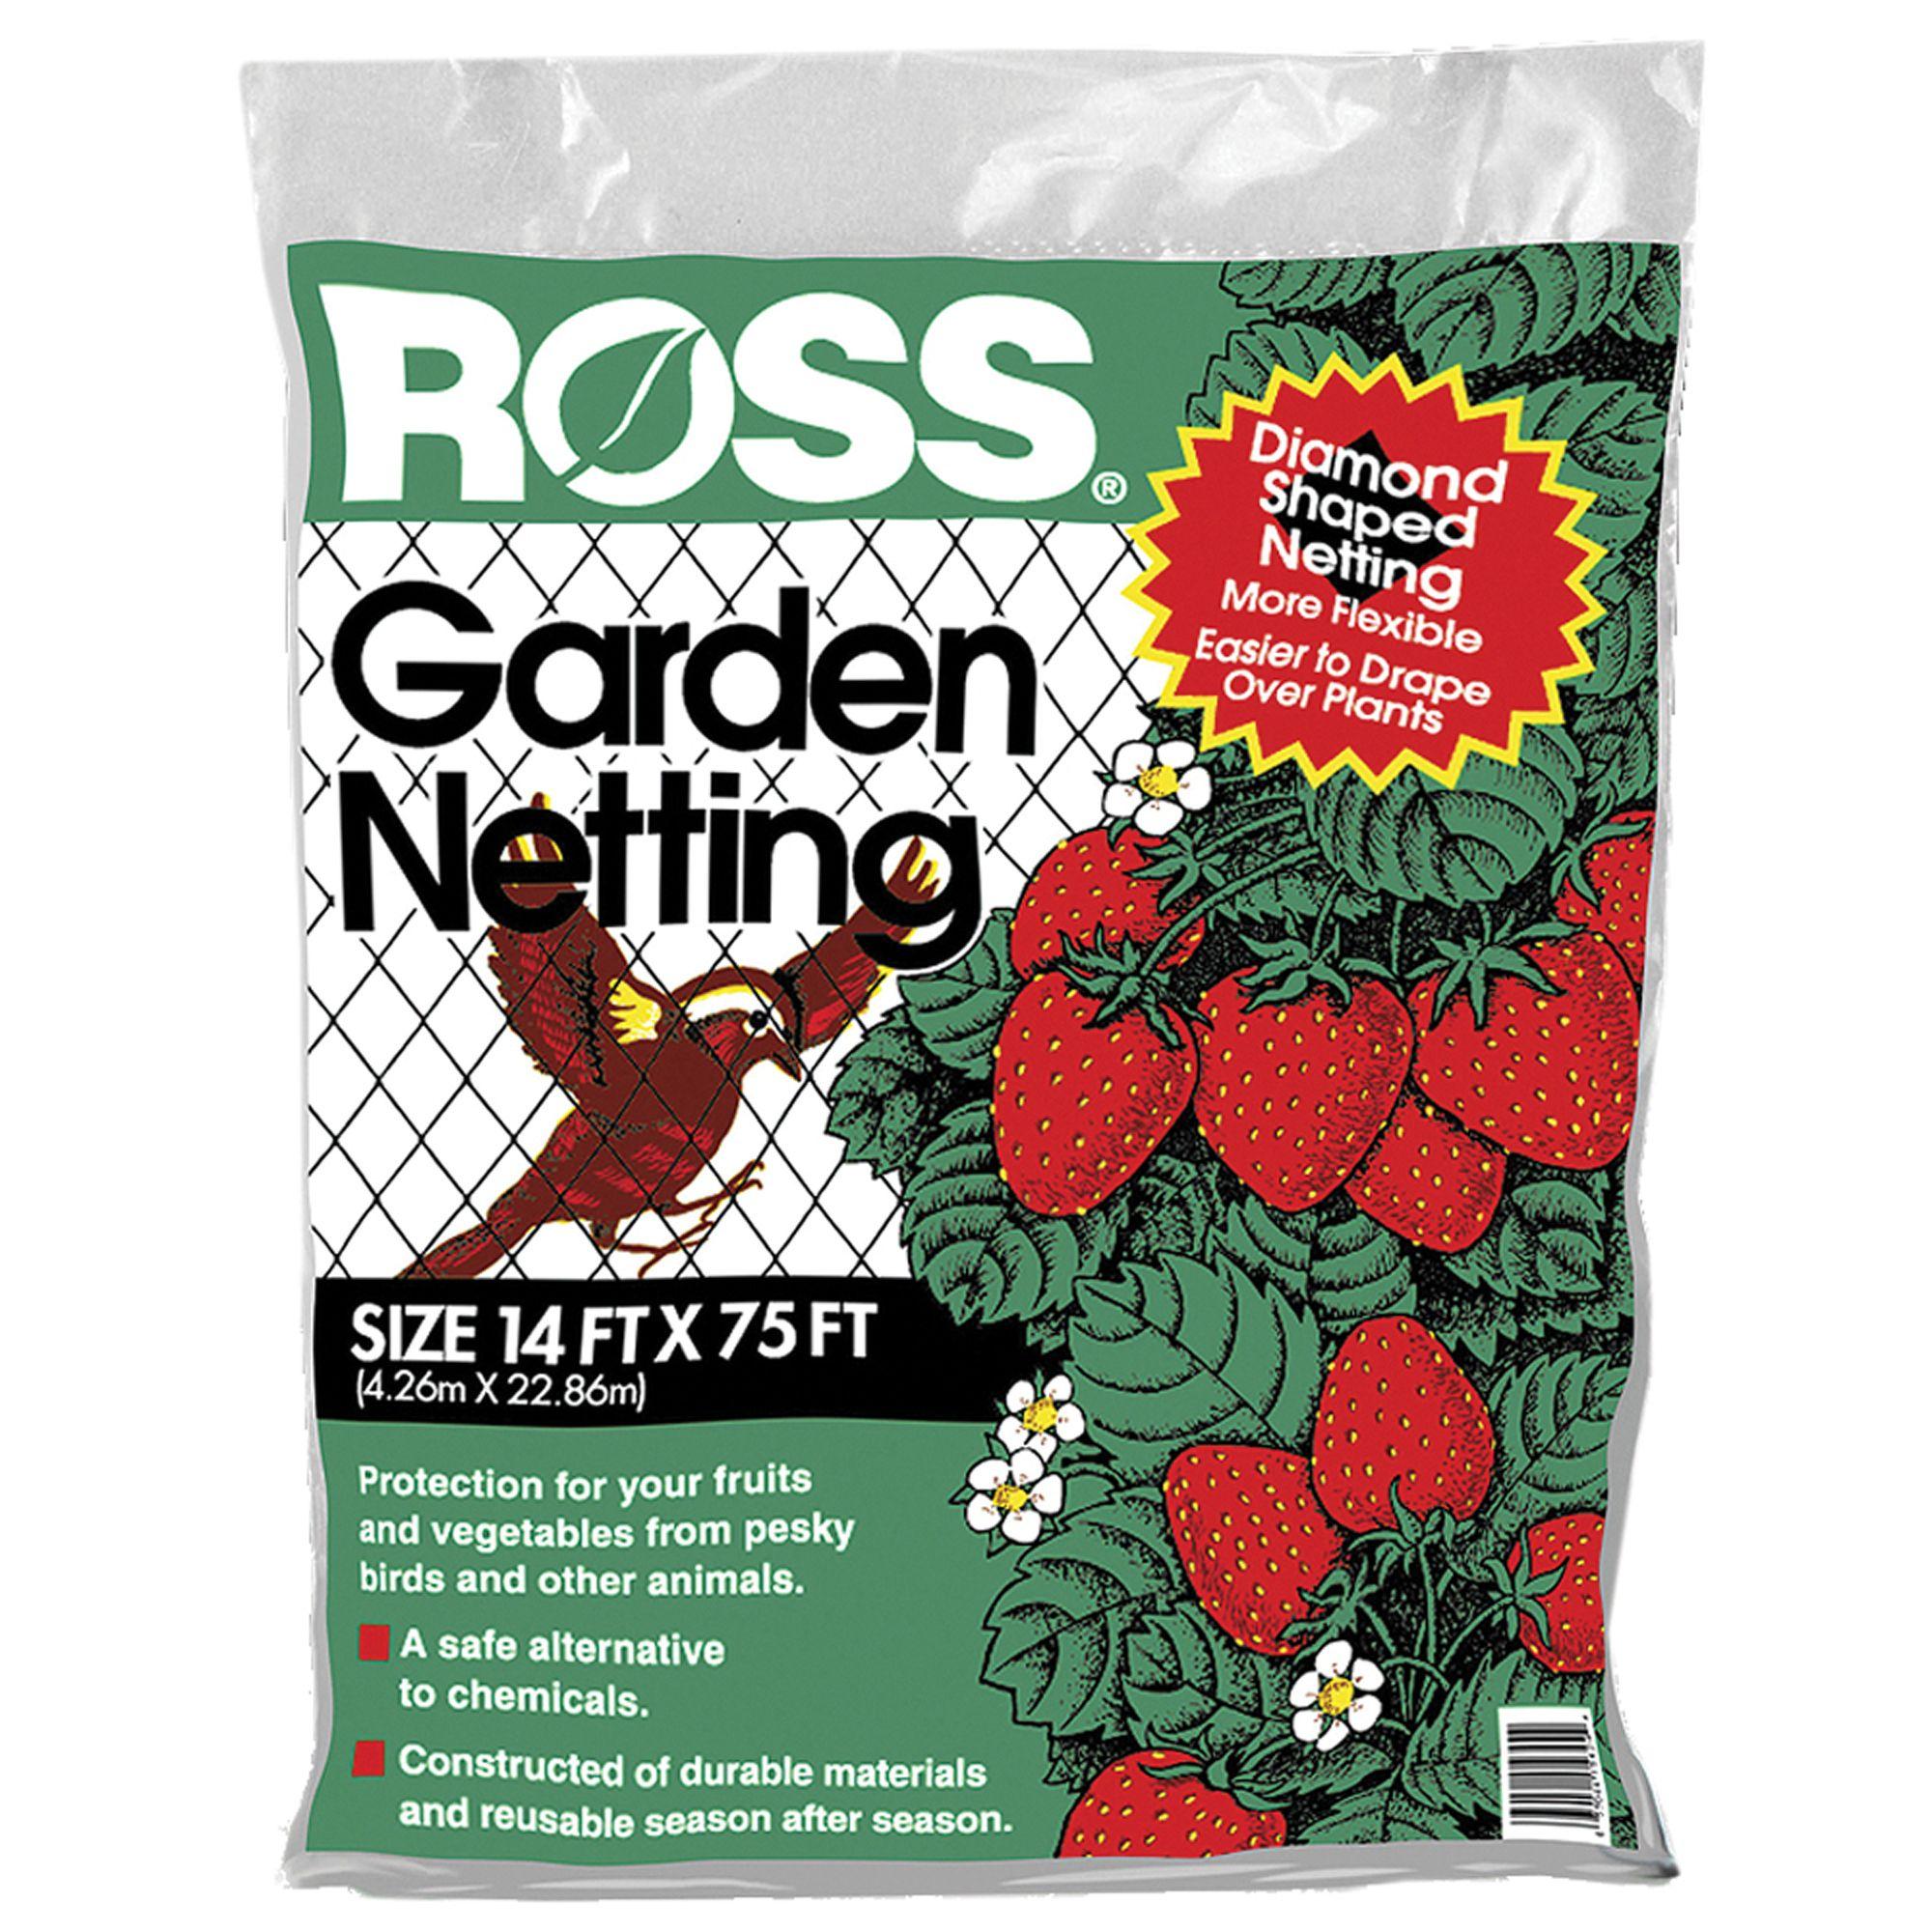 Easy Gardener EGP15800 Ross Garden Netting, 14 Feet X 75 Feet, Diamond